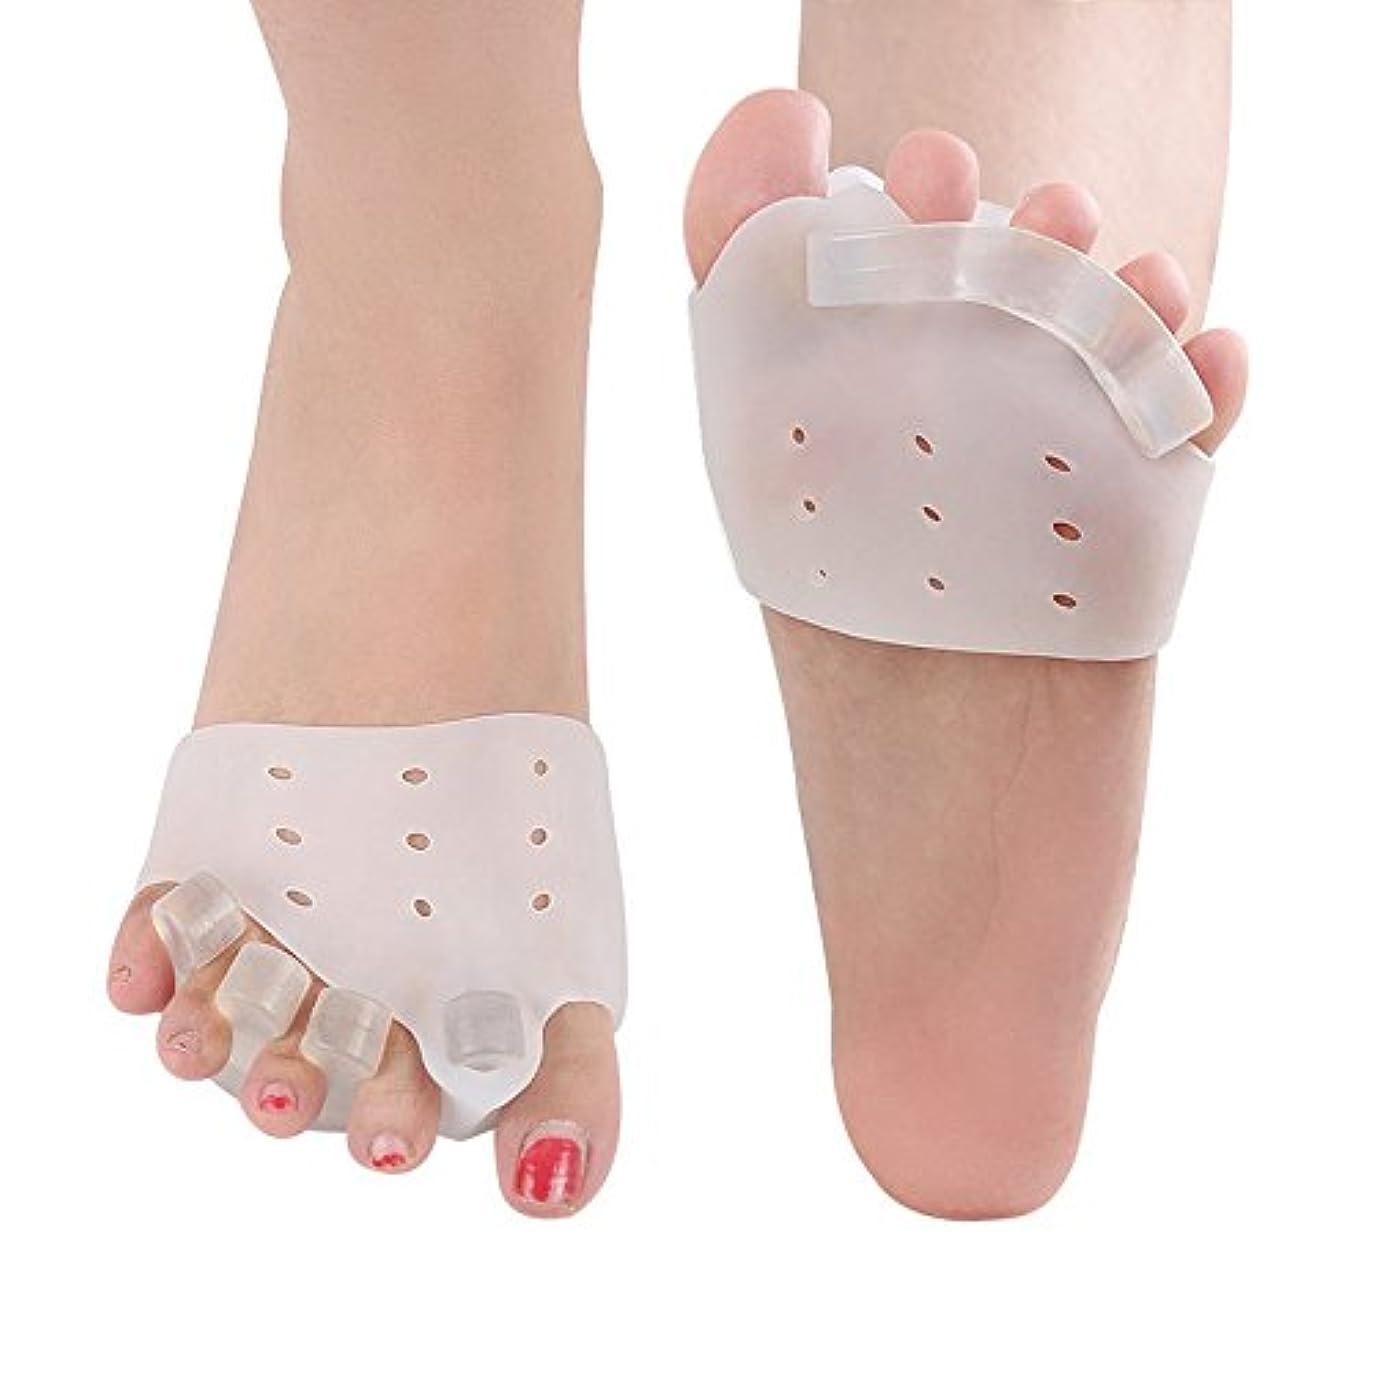 ひどく社会初期の5ペア/セットバニオンプロテクターつま先矯正シリコーンつま先セパレータ親指足ケア足の痛み外反母趾ツール